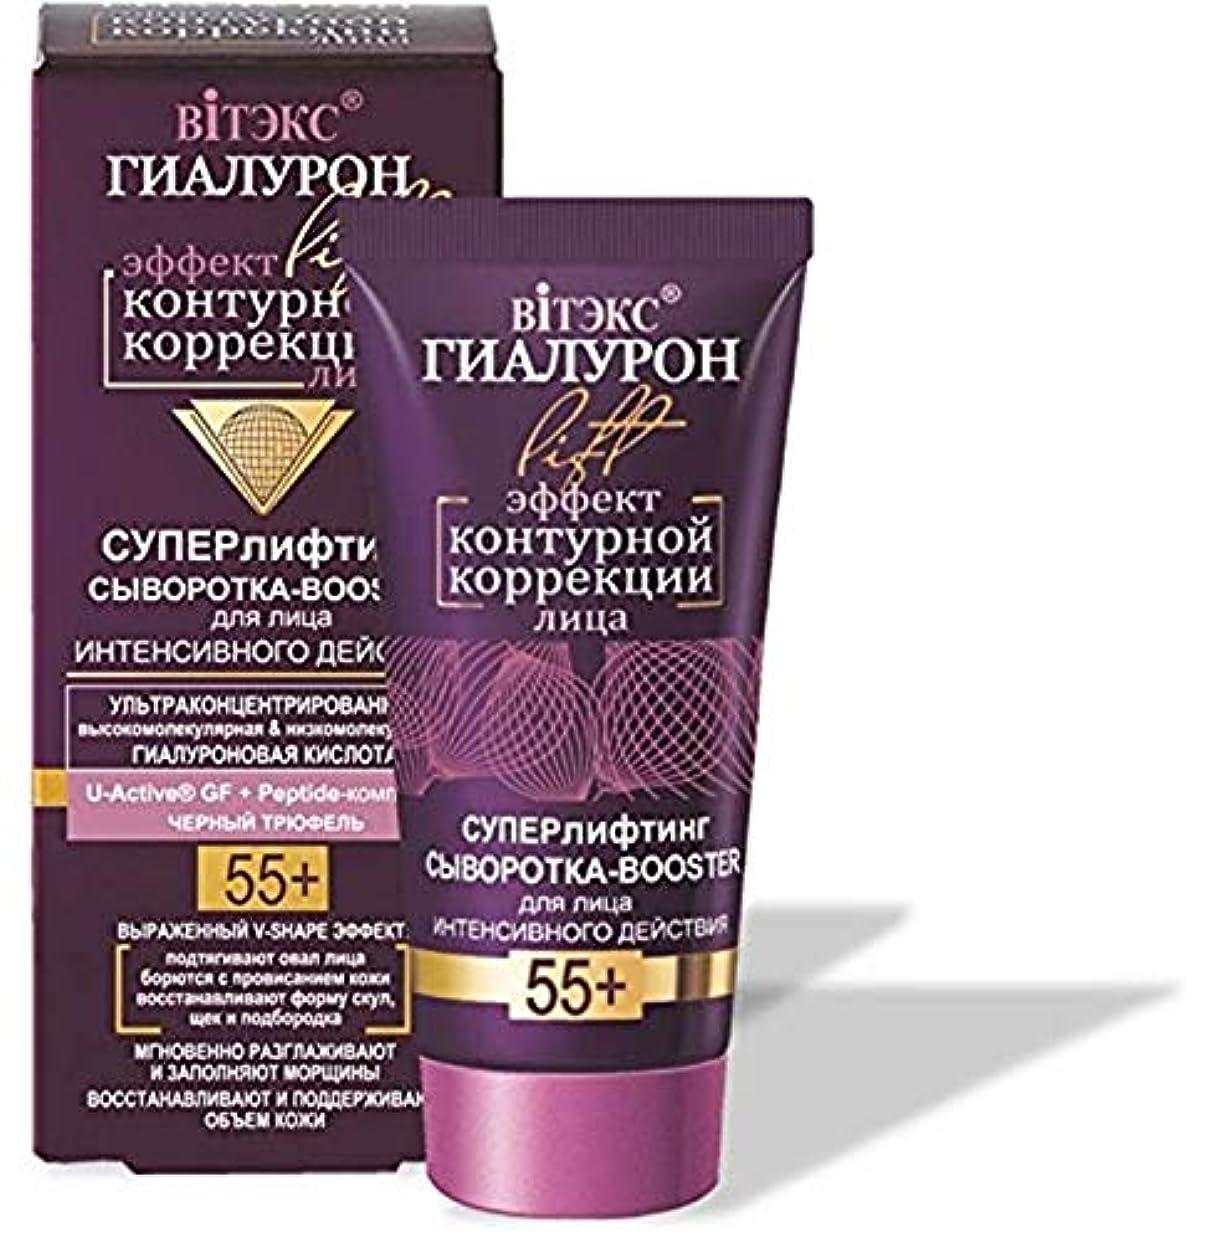 想像力豊かな先のことを考える解き明かすSerum for face 55+ (Hyaluron Booster) Super Lifting   Instantly smoothes and Fills Wrinkles   Restores & maintains The Skin Volume   30 ml